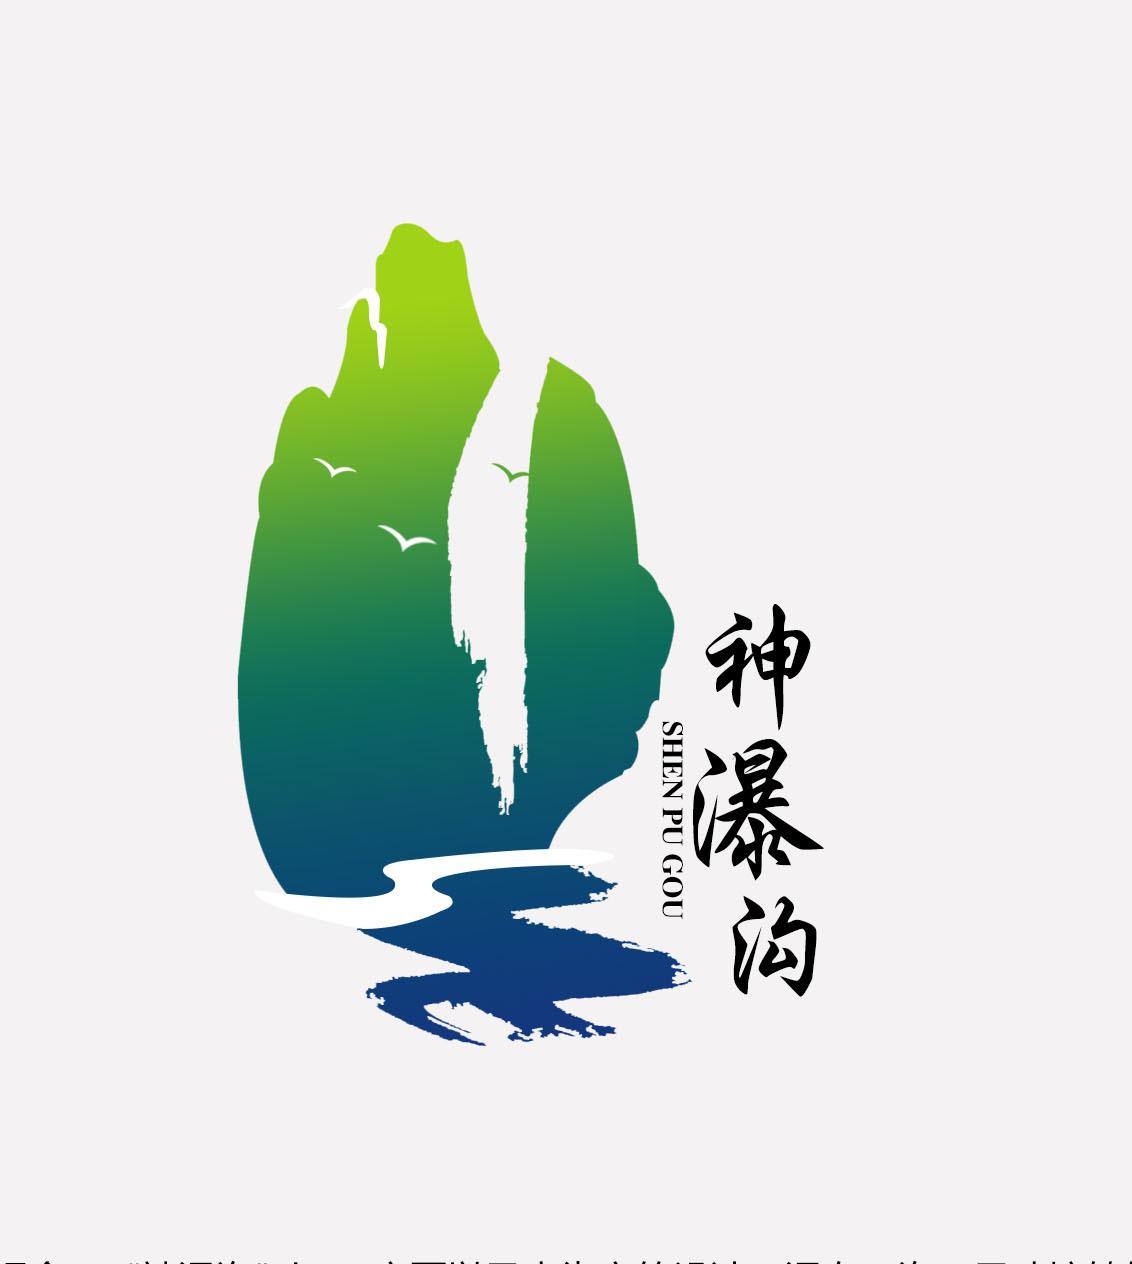 什邡市石门洞胜景旅游开发有限公司